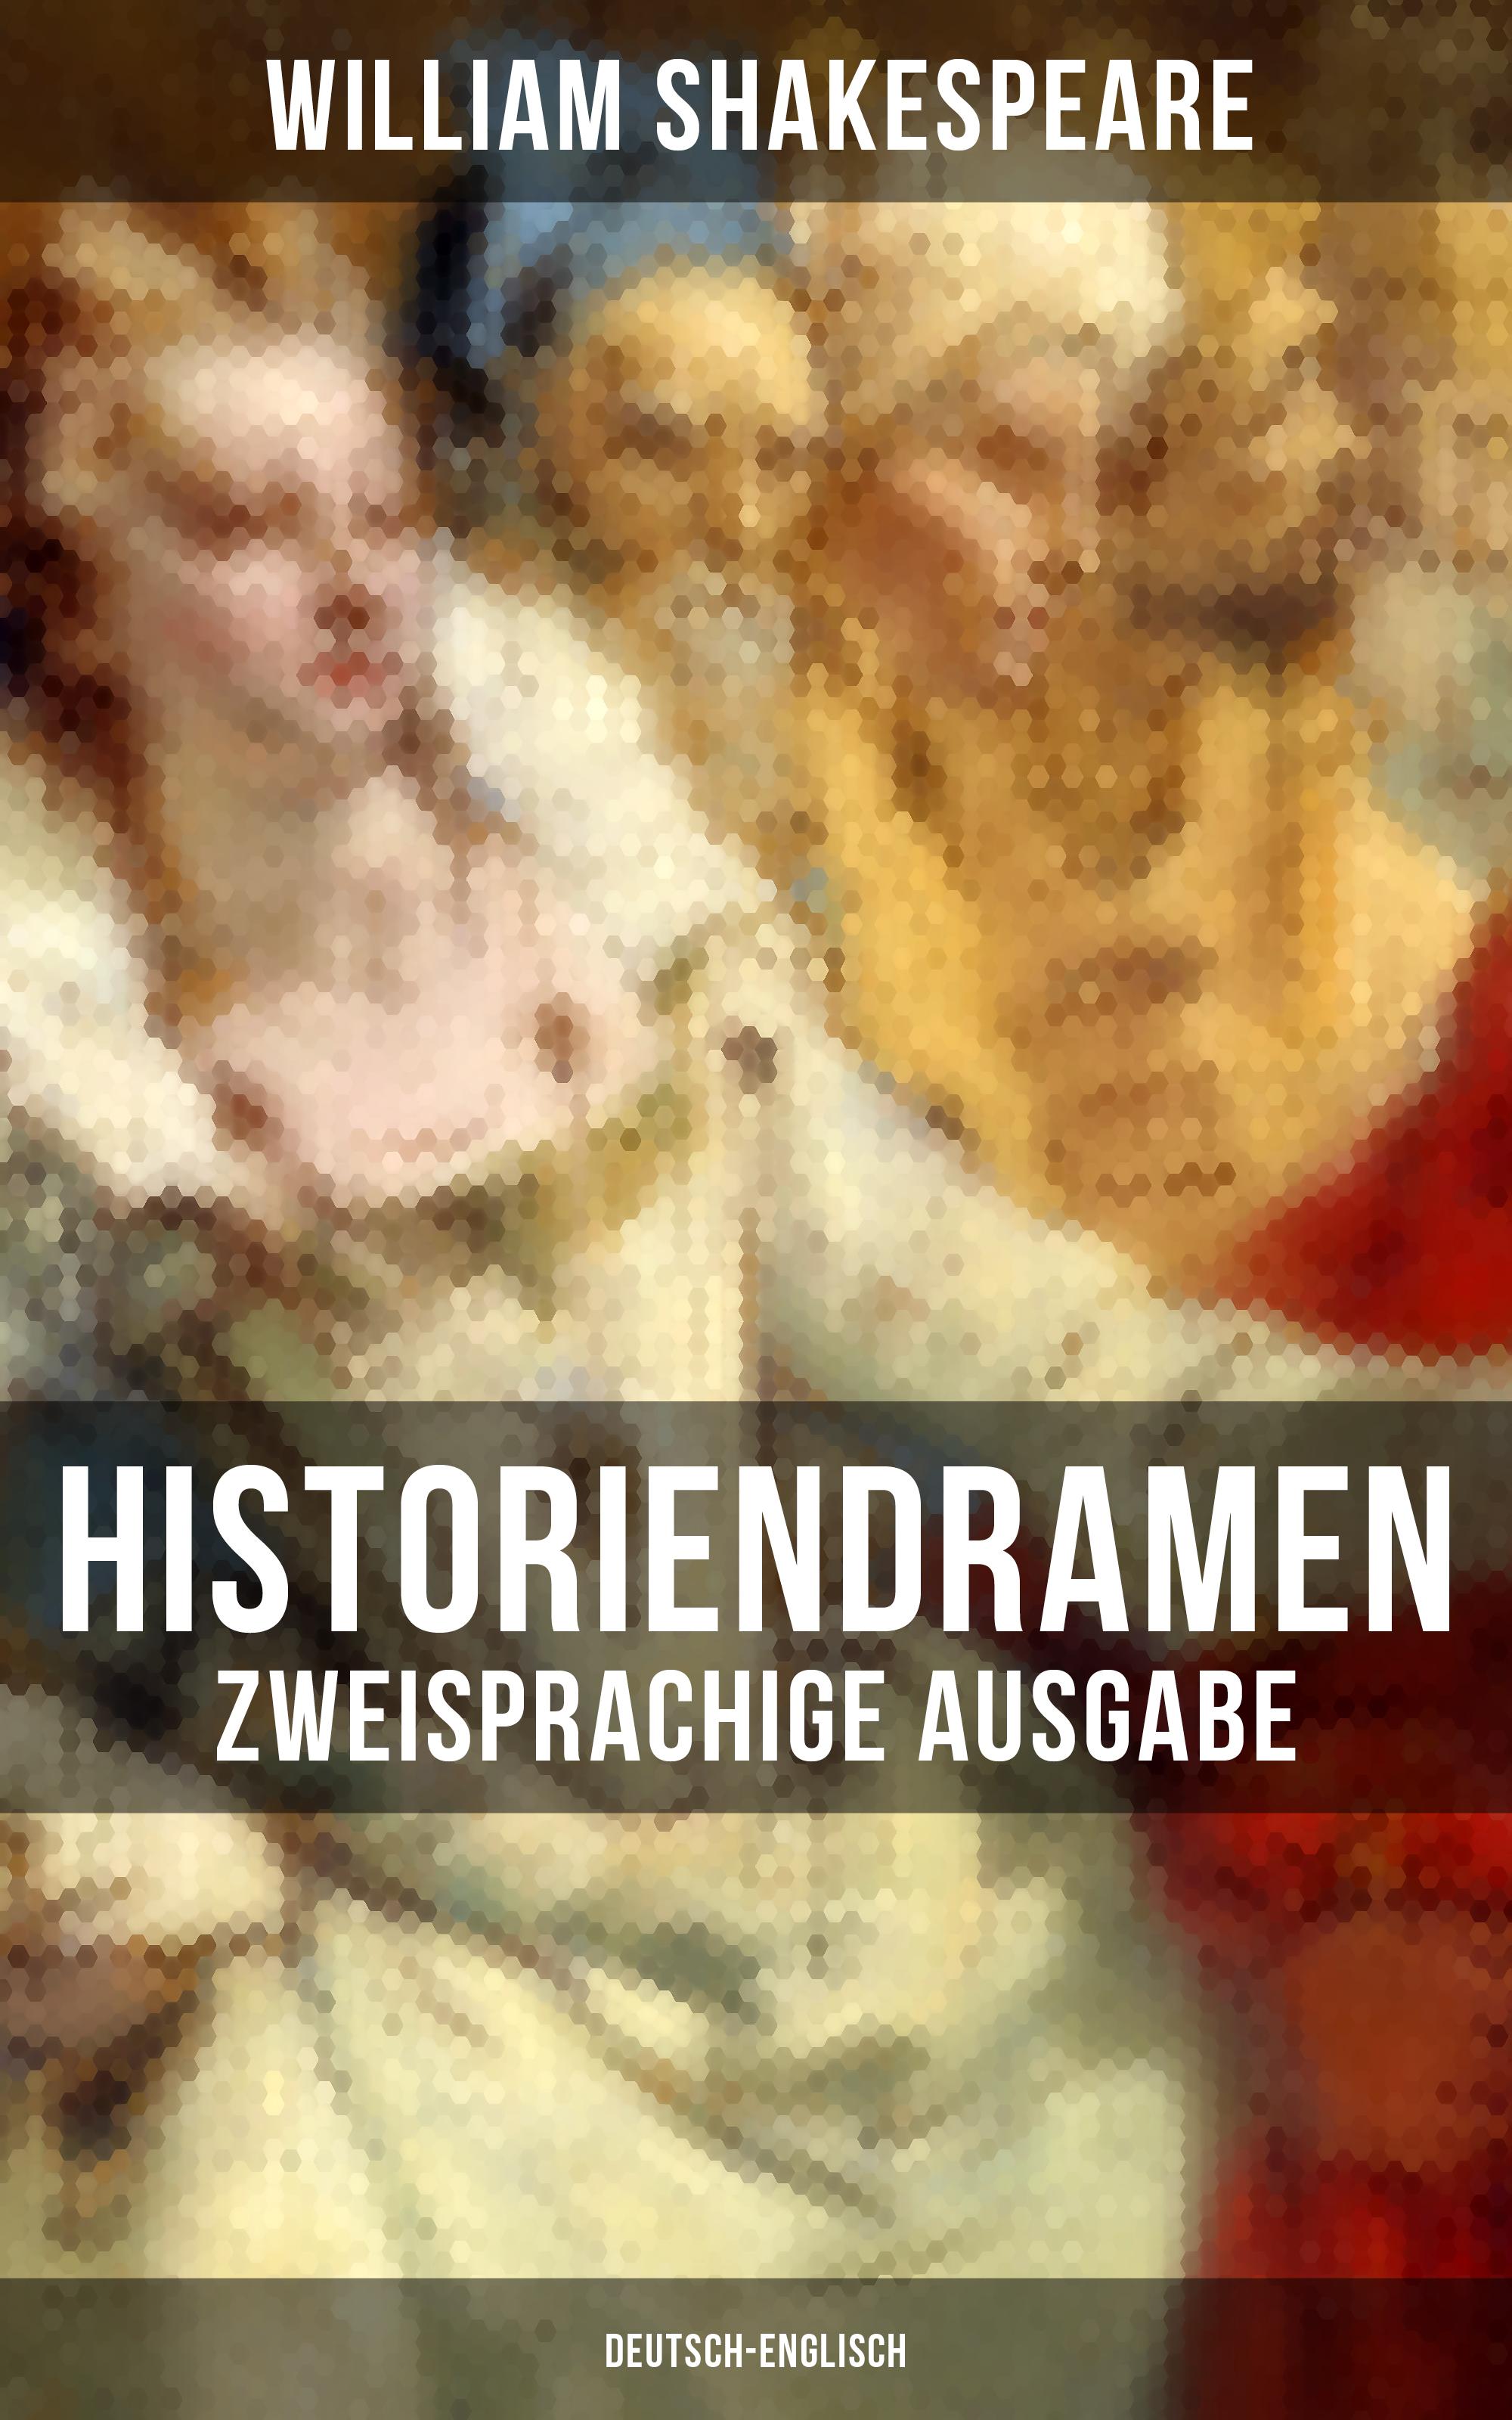 historiendramen von william shakespeare zweisprachige ausgabe deutsch englisch